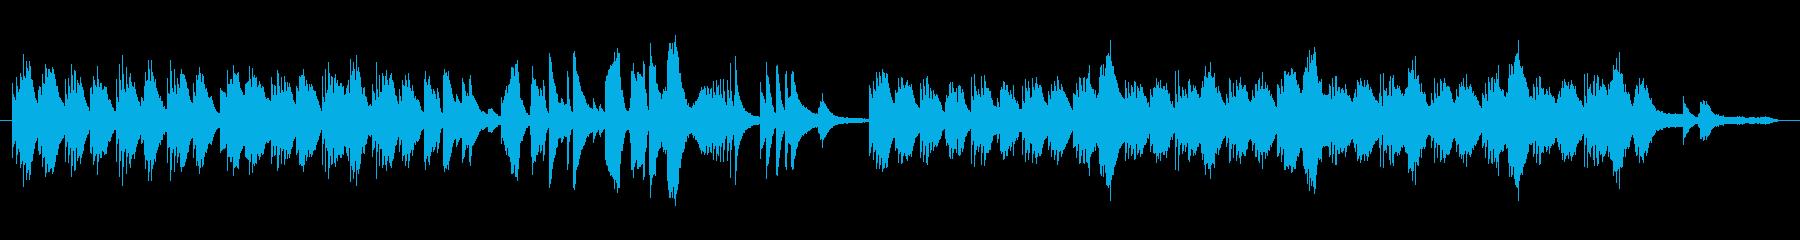 この曲は、生きてきた中で、とてもとても…の再生済みの波形